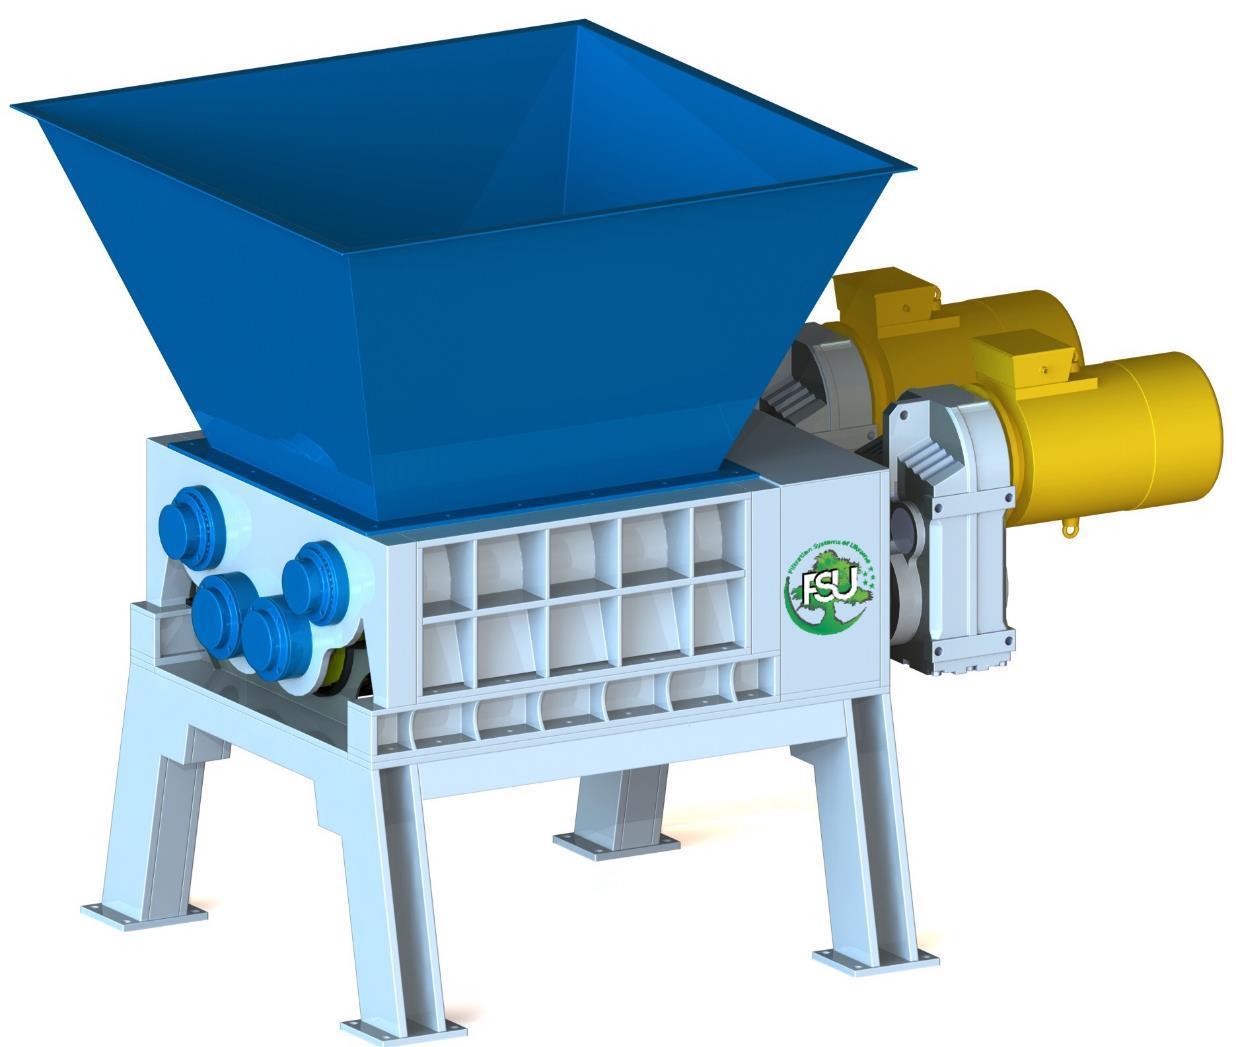 Измельчитель (шредер) для уничтожения пластиковых изделий типа FSU